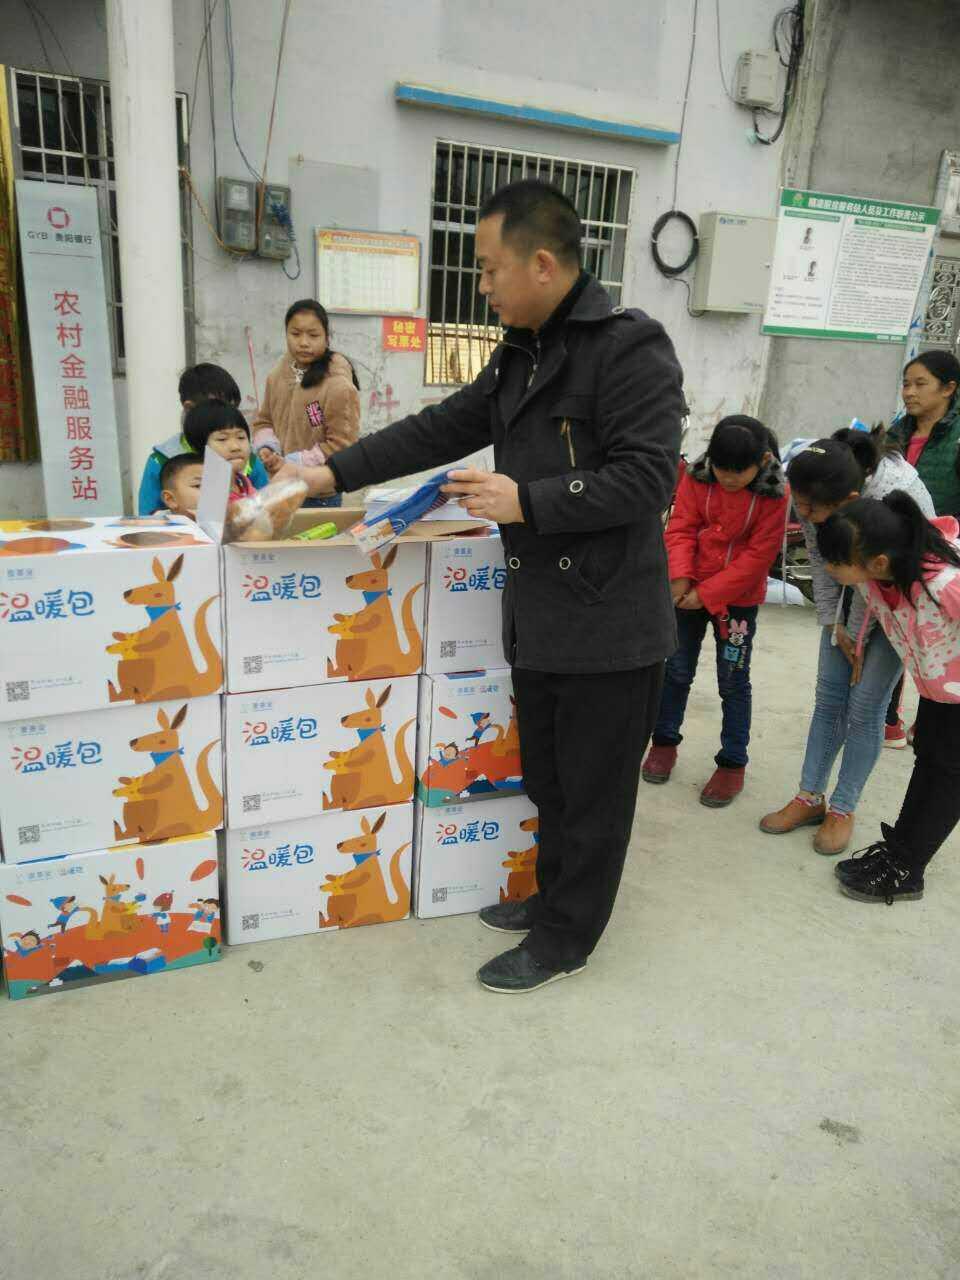 杨华根到学校给孩子们发放礼包。